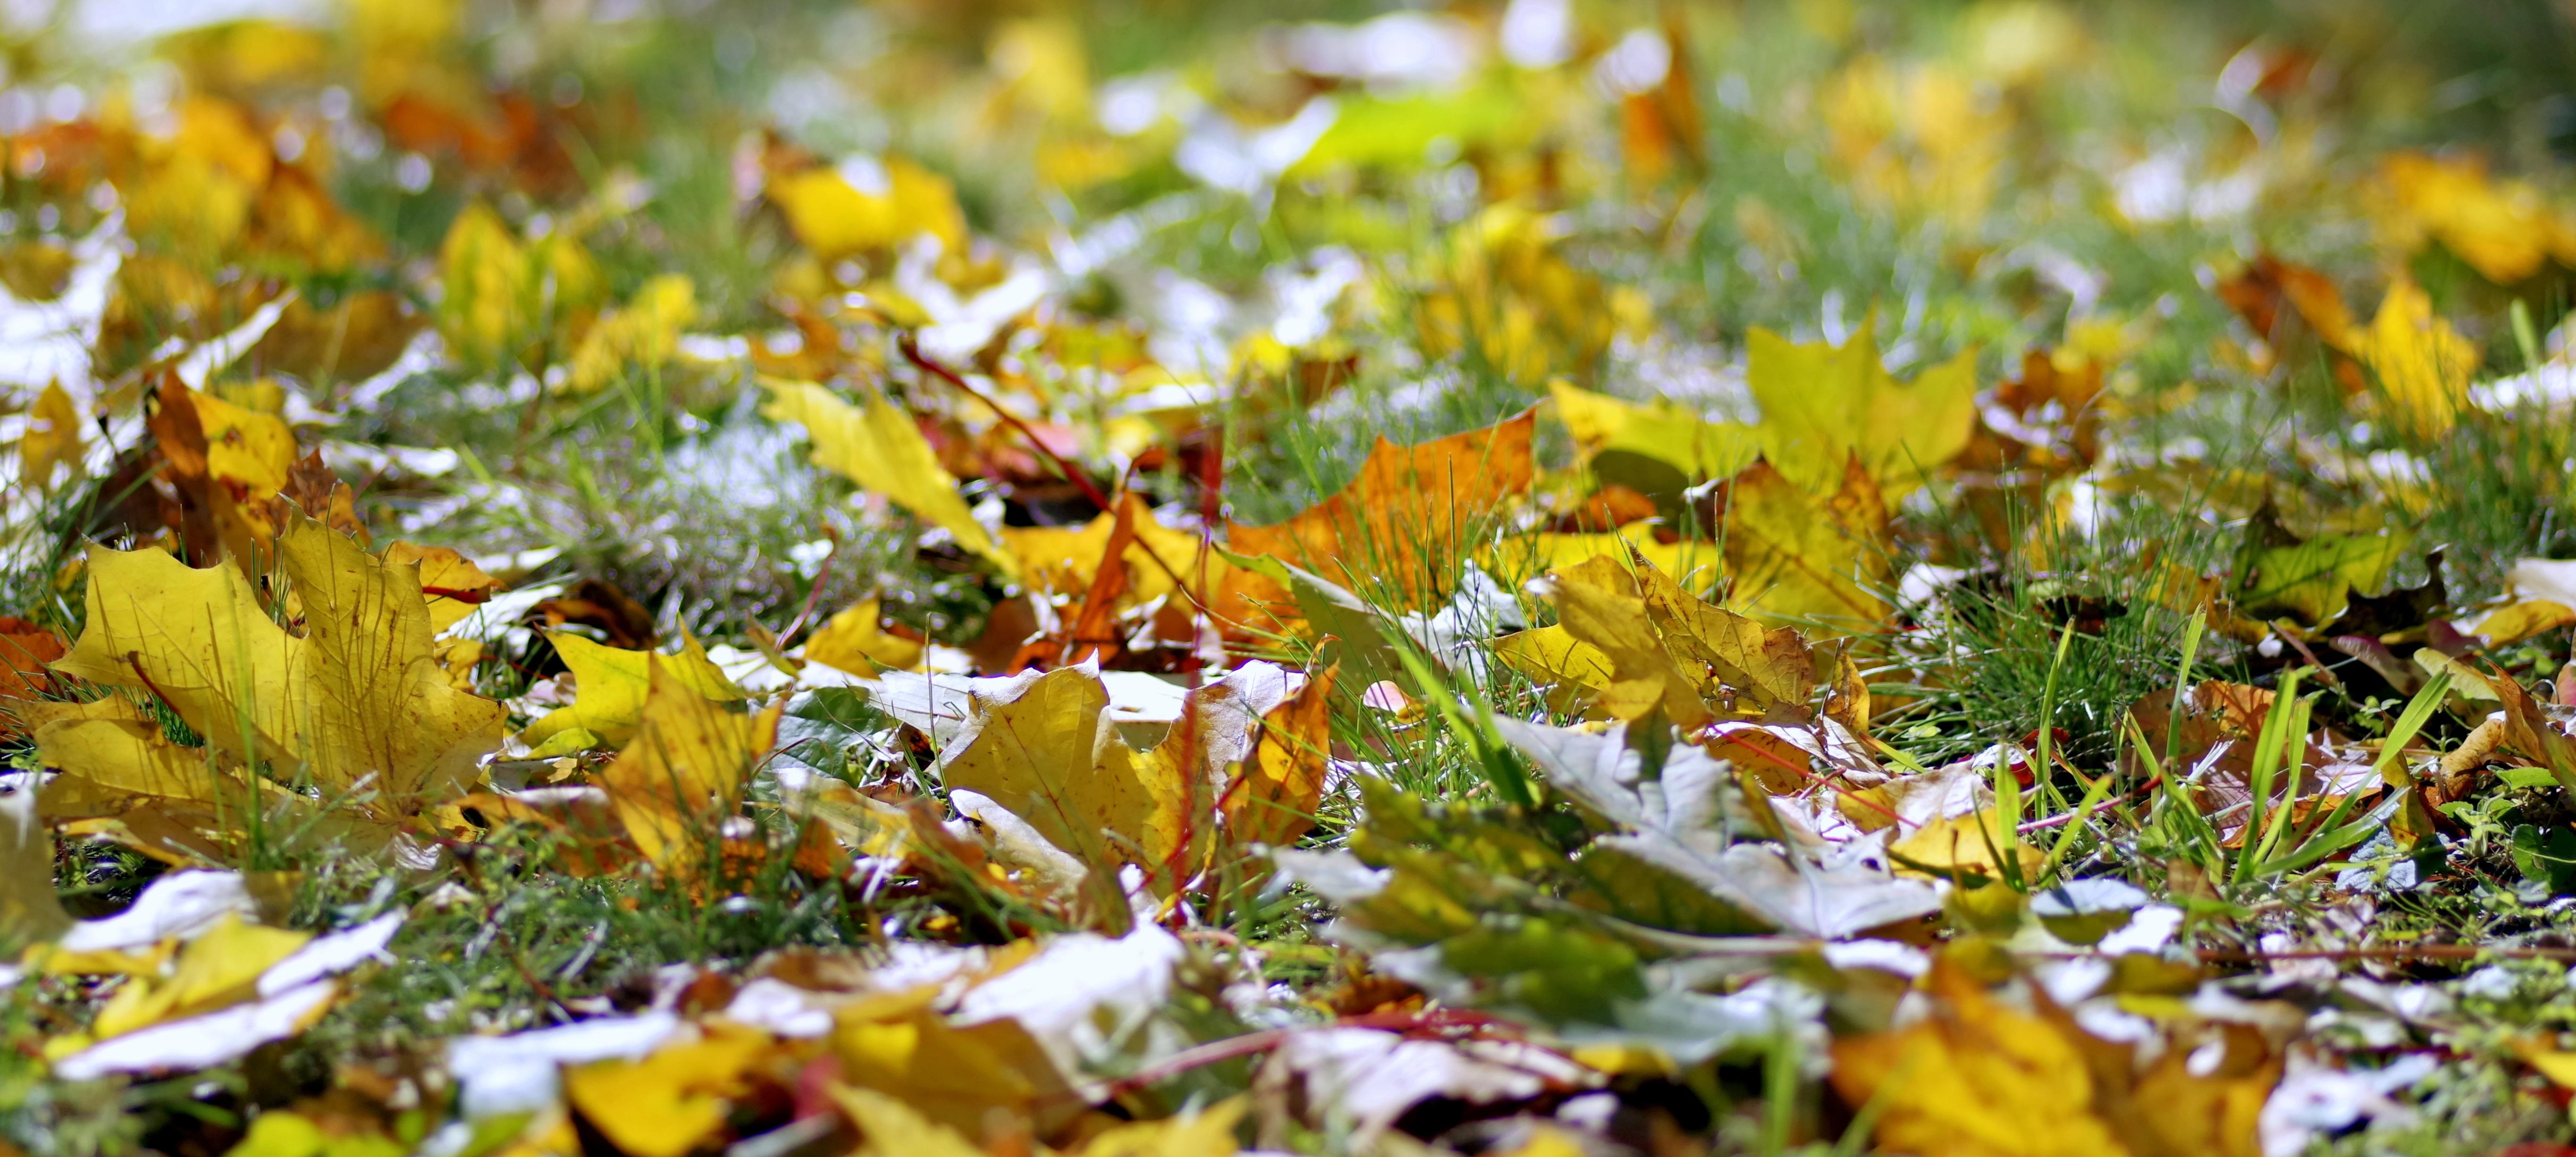 Images Gratuites Arbre La Nature Branche Plante Pelouse